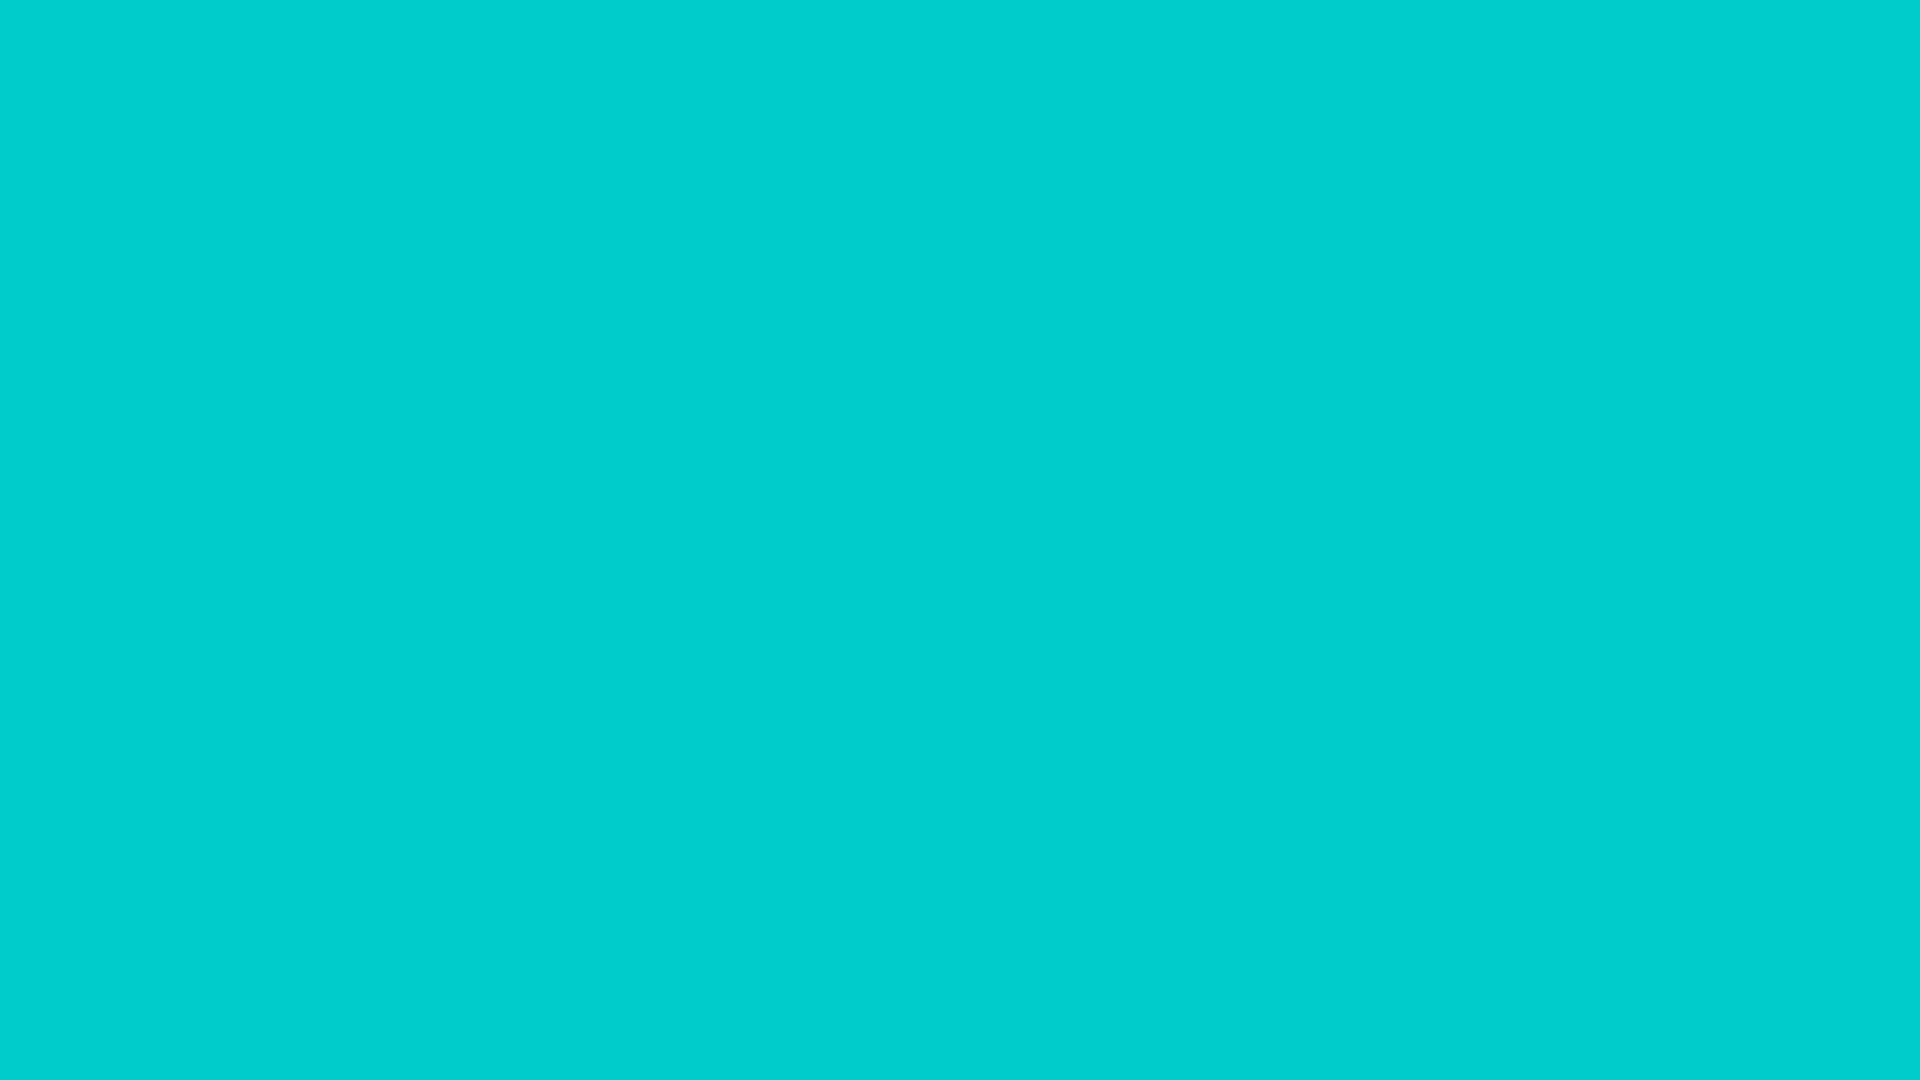 1920x1080 Robin Egg Blue Solid Color Background